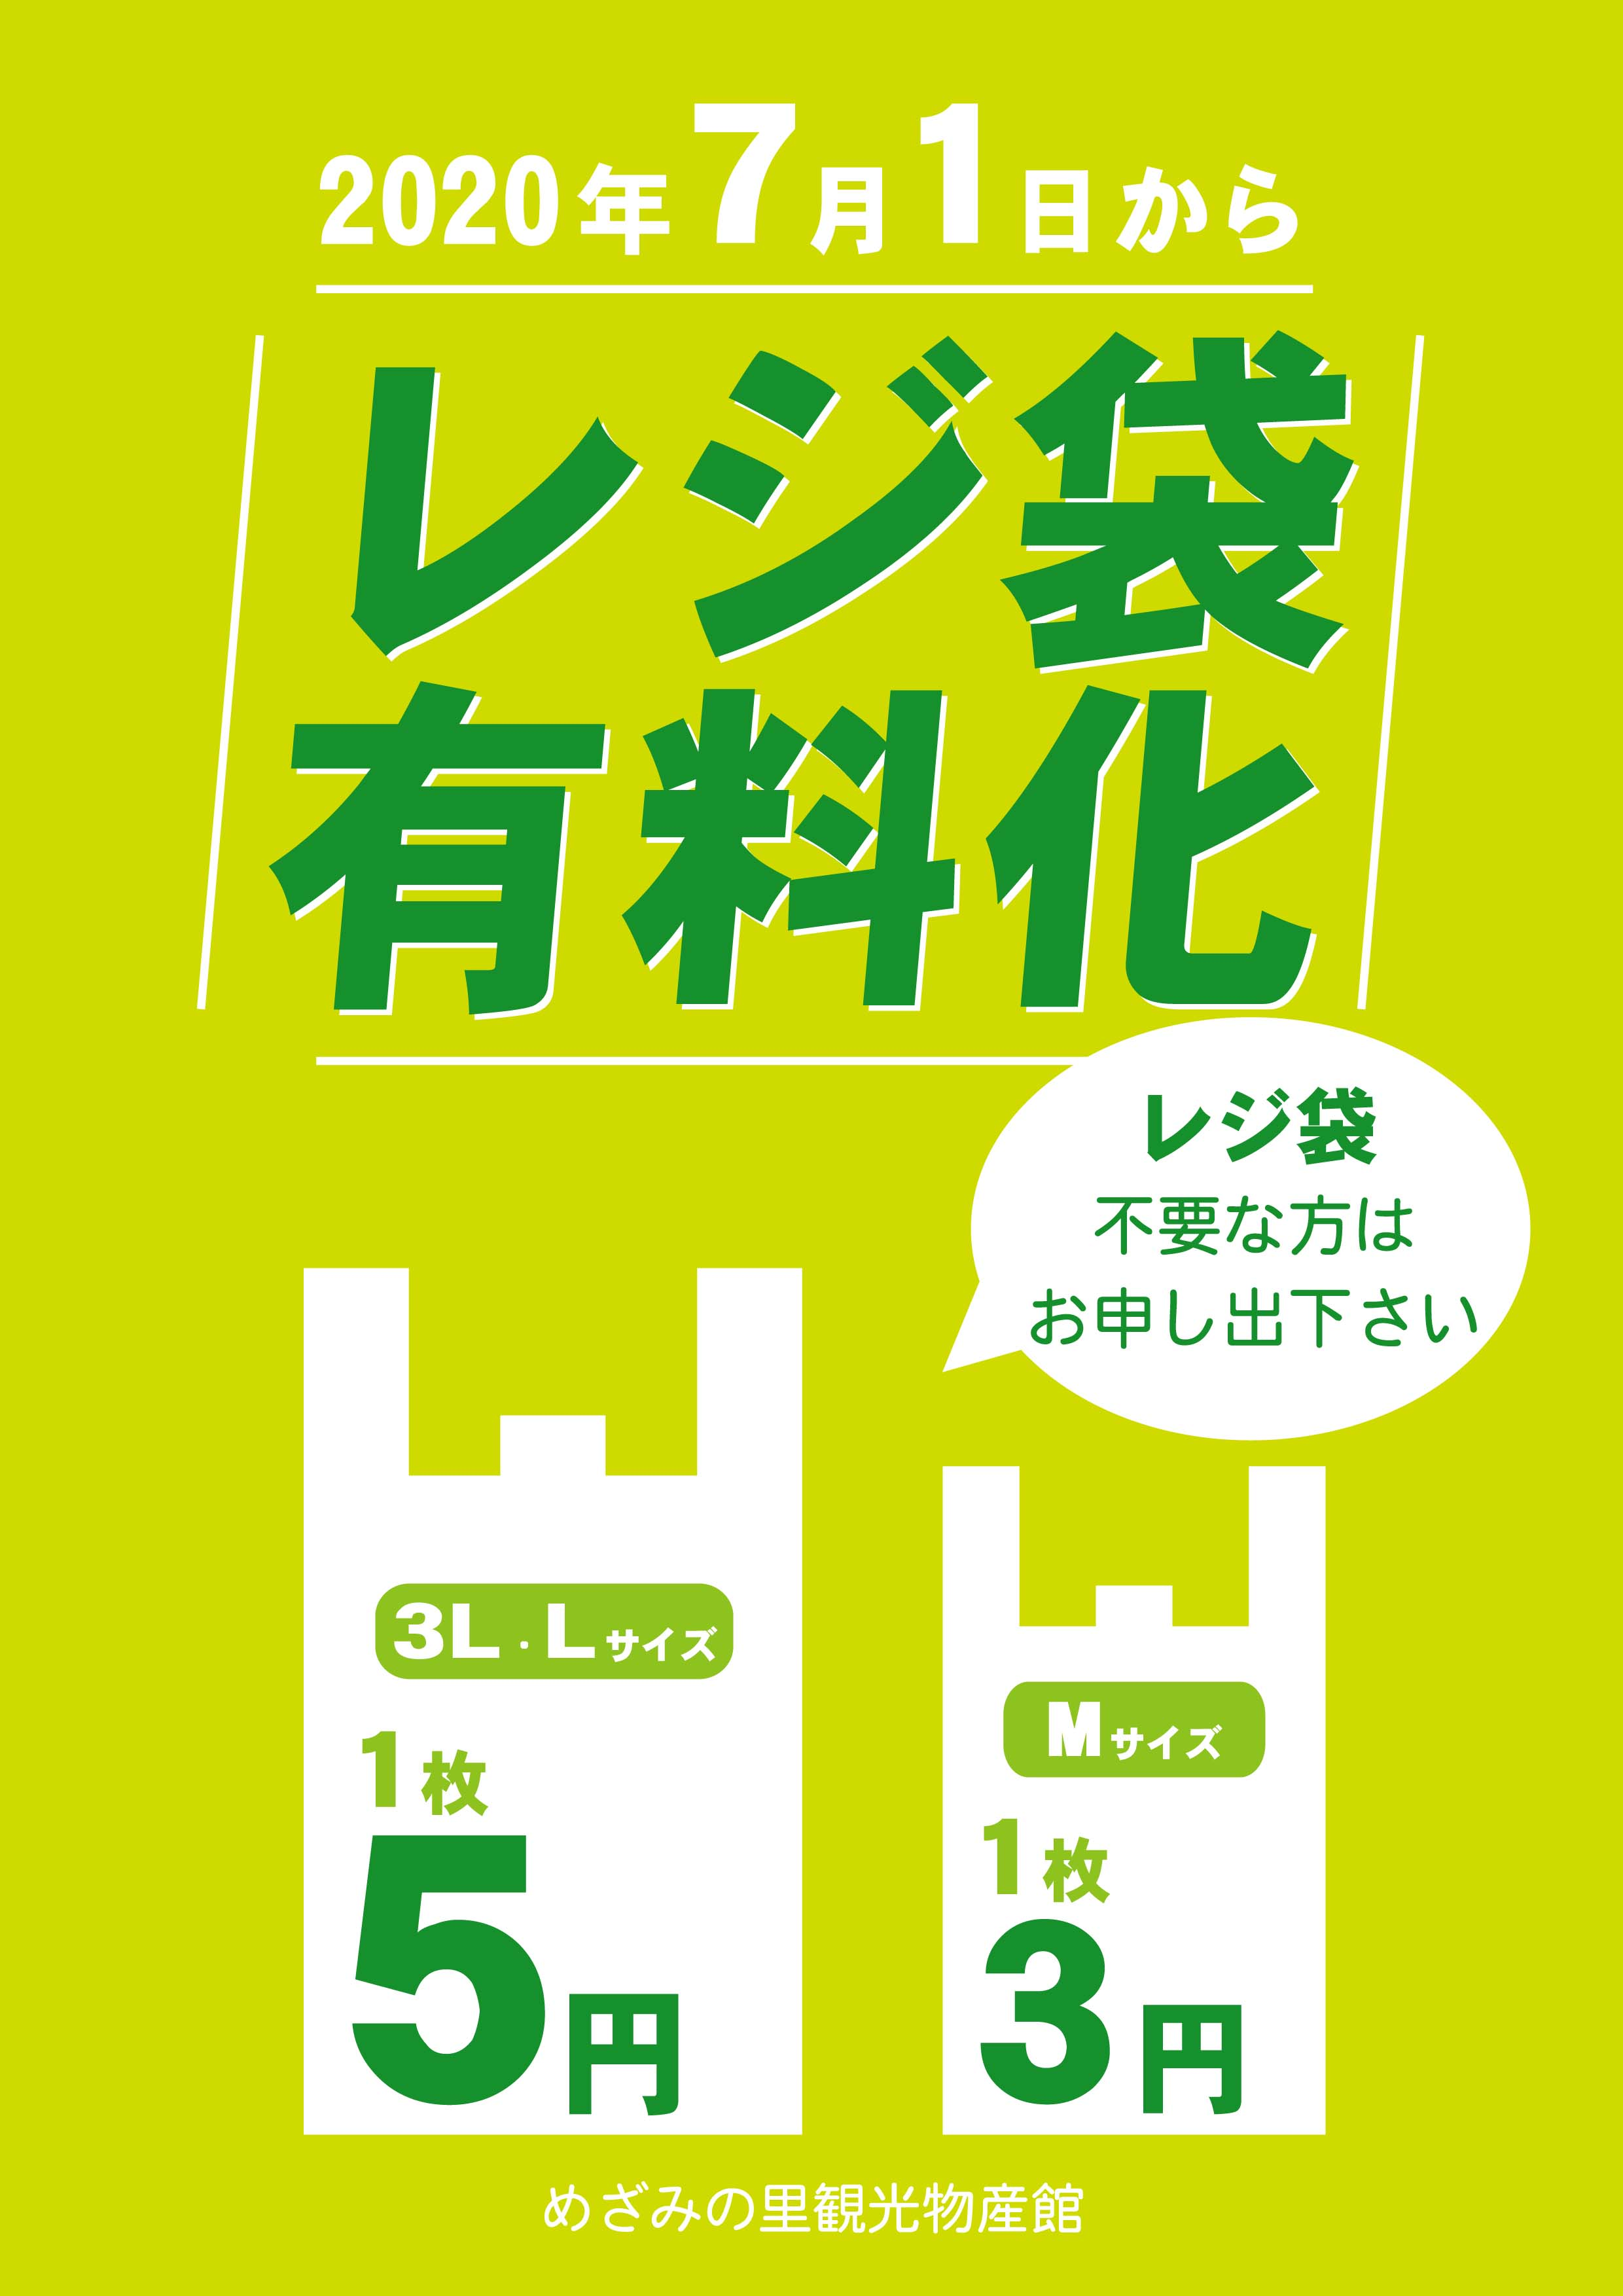 レジ袋有料化について:画像